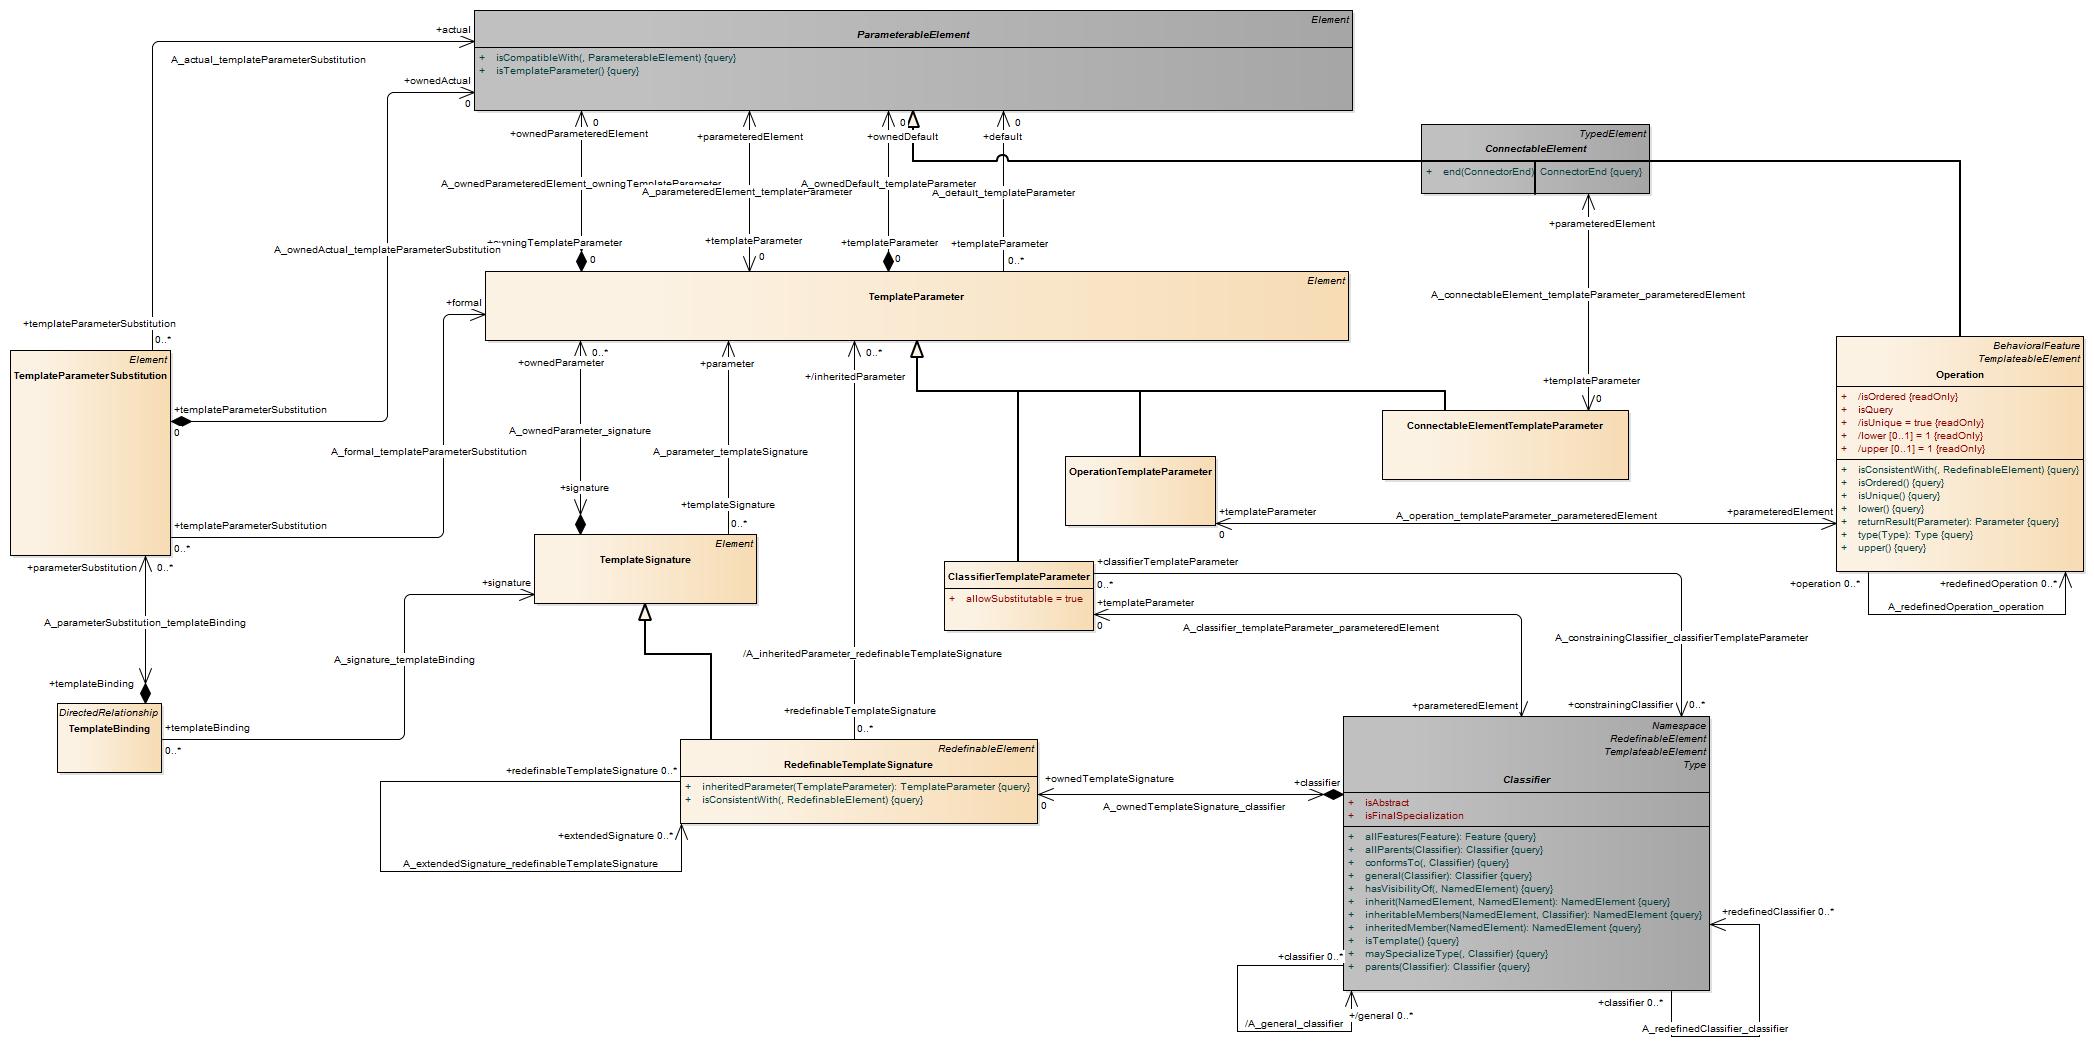 Uml 241 Metamodel Feedback Fda S Wiring Diagram Templatese52df759 3a07 4fda 8461 1666f4501d93